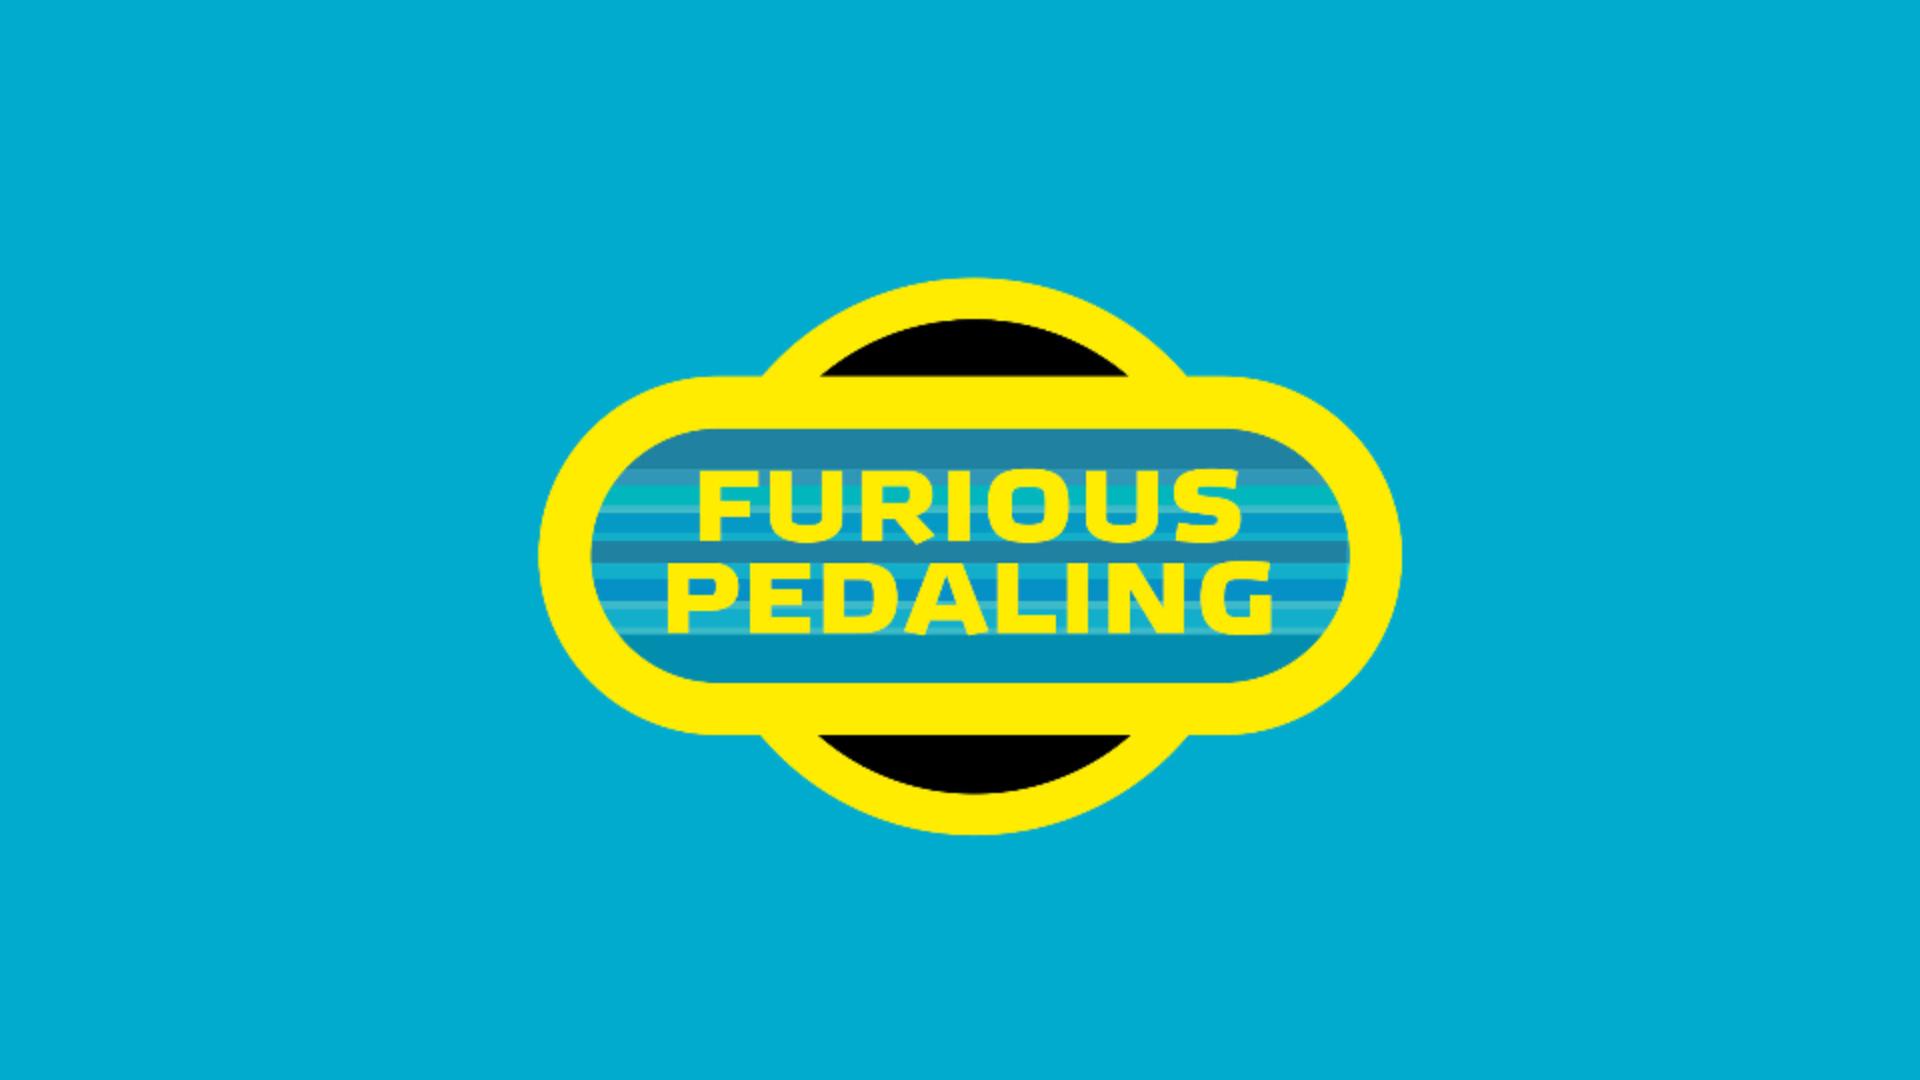 Furious Pedaling WebGL Game